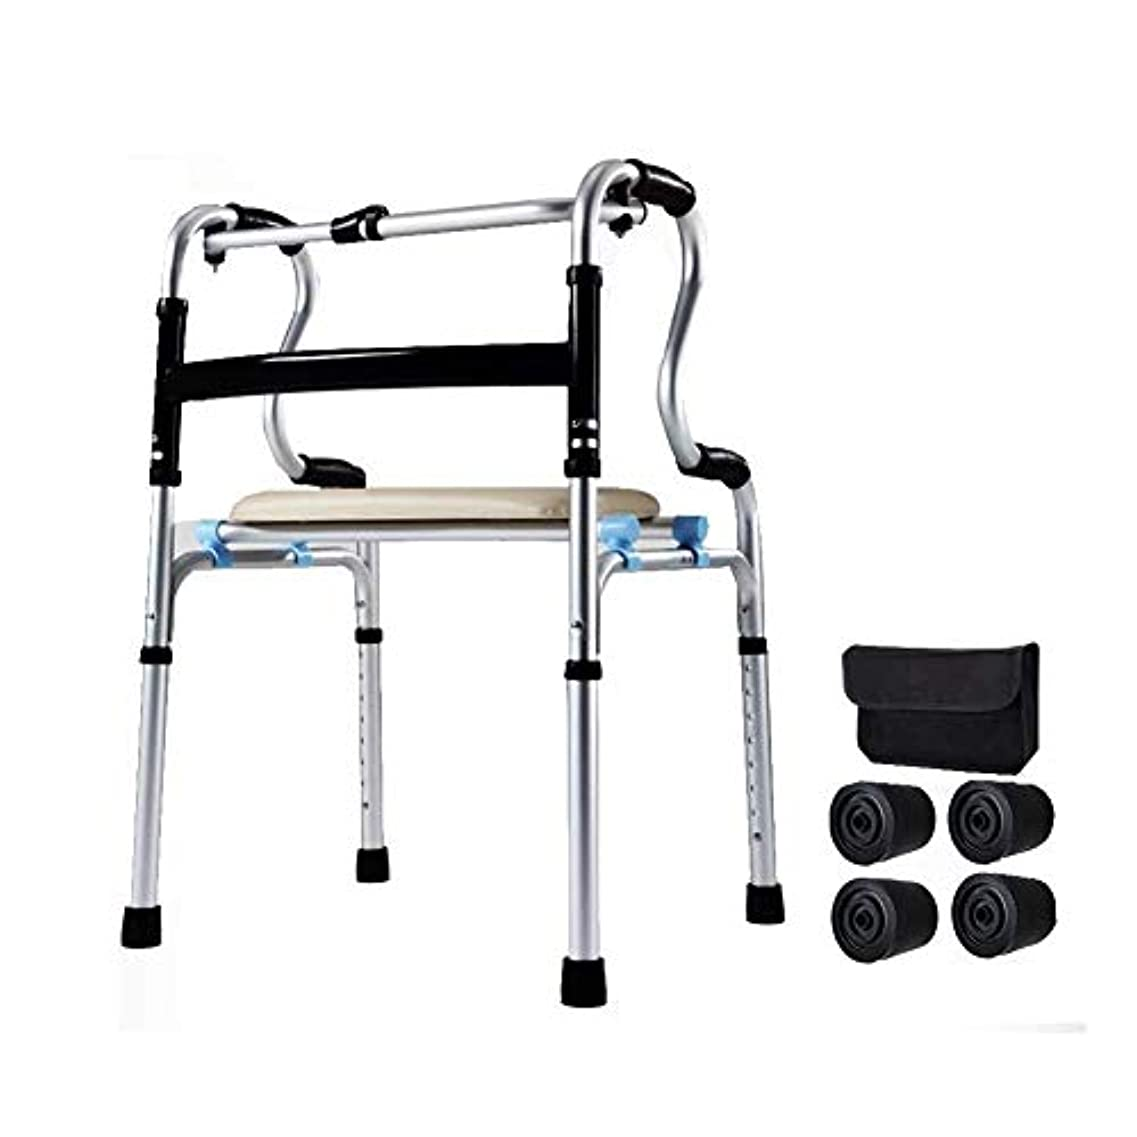 高齢者折り畳み式歩行器、肘掛けパッドと車輪で調整可能高齢者はスムーズで清掃が簡単+シート+バッグ